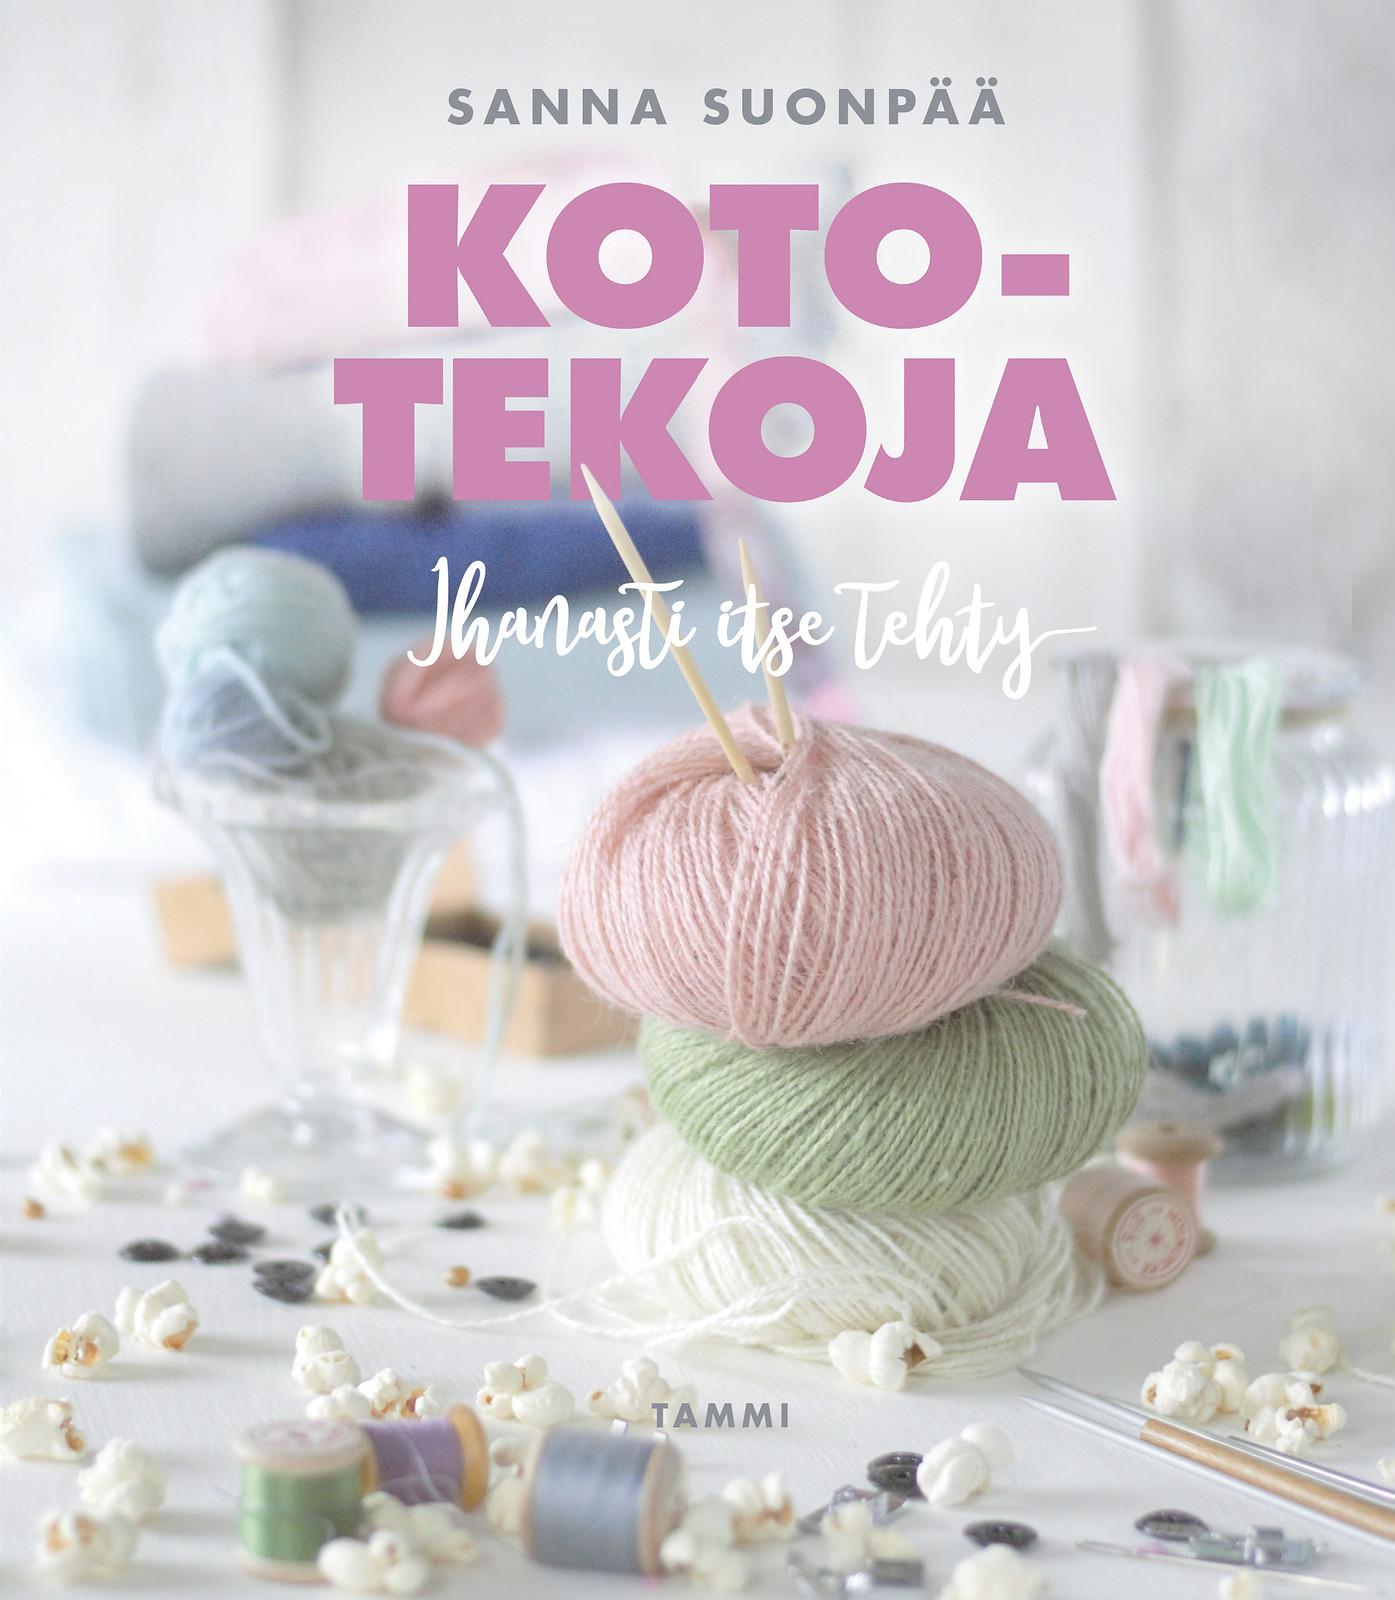 kototeko_kansi.indd